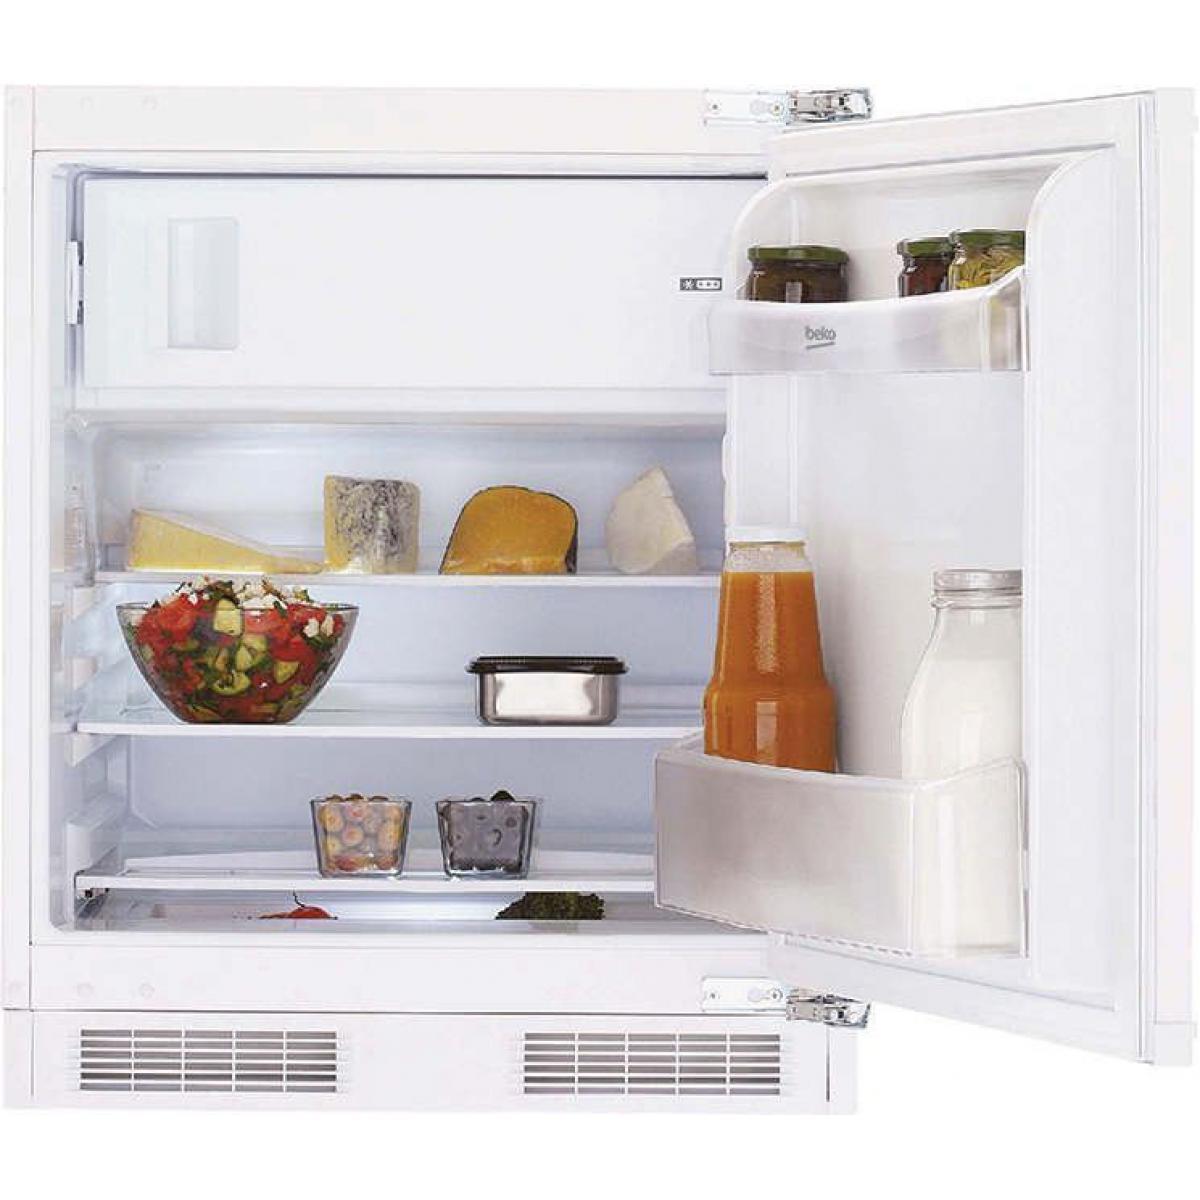 Beko Réfrigérateur 1 porte 92L Froid Statique BEKO 59.5cm A+, BU 1153 HCN